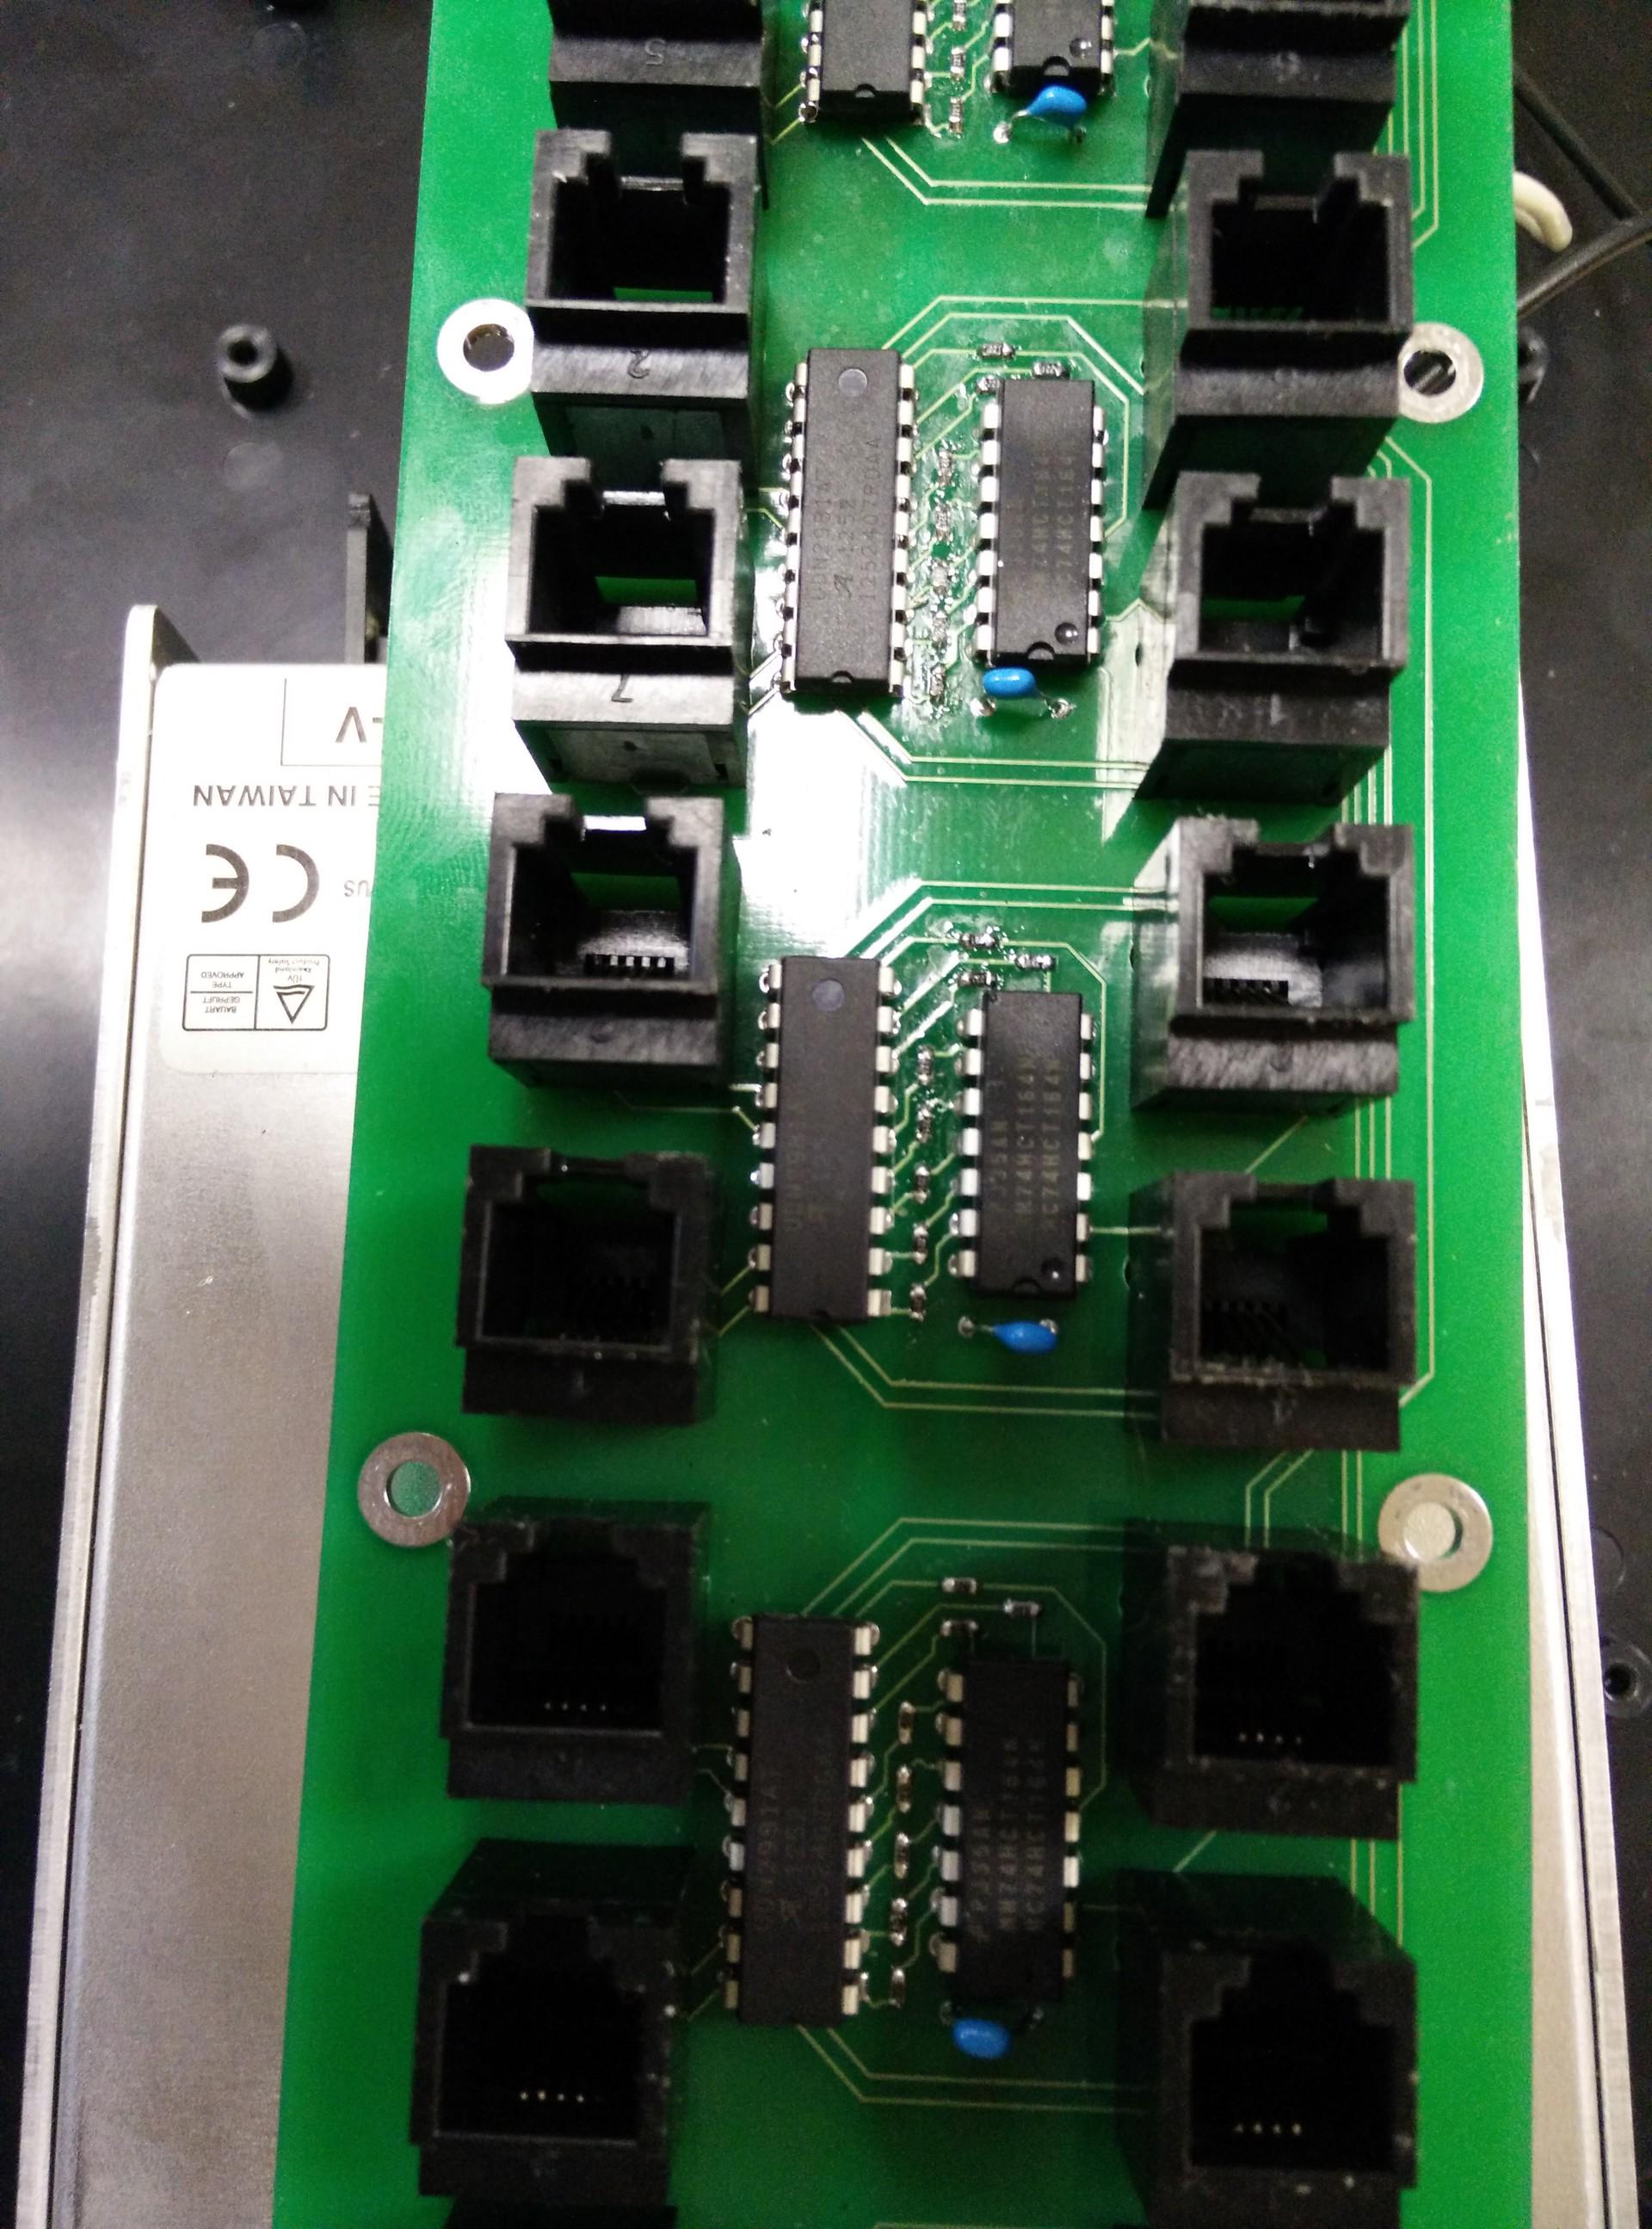 Как мы строили систему аварийной сигнализации дата-центра - 9